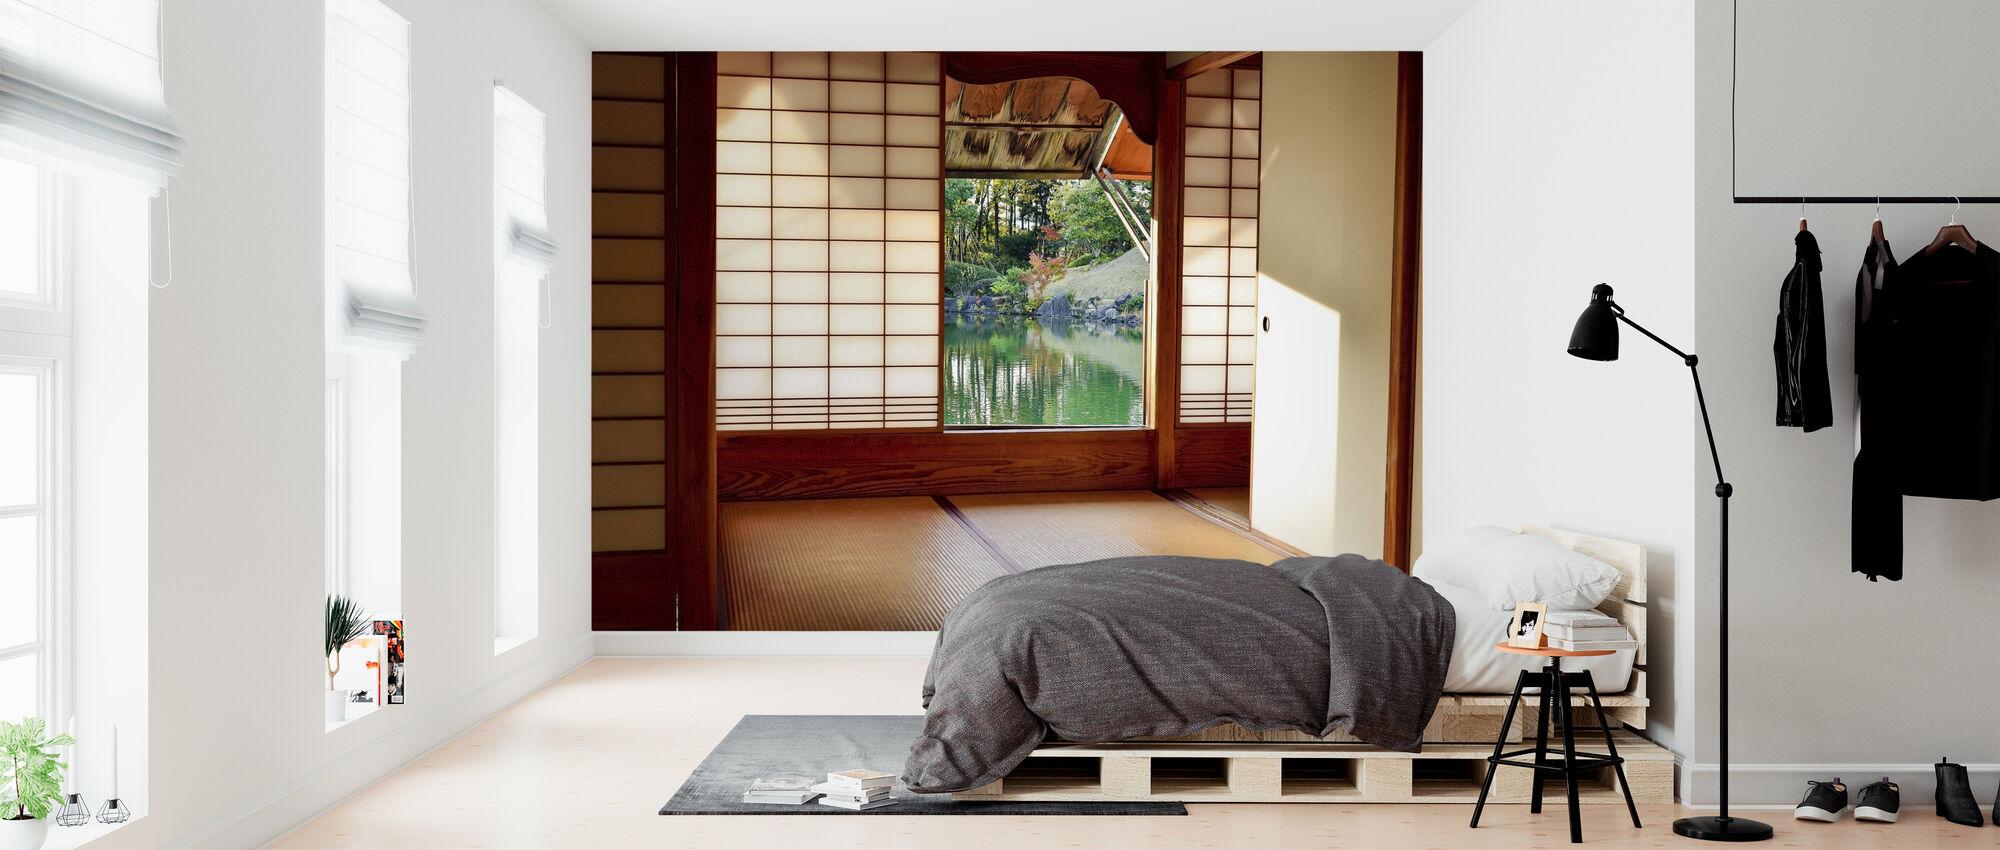 Japanska rum - Tapet - Sovrum